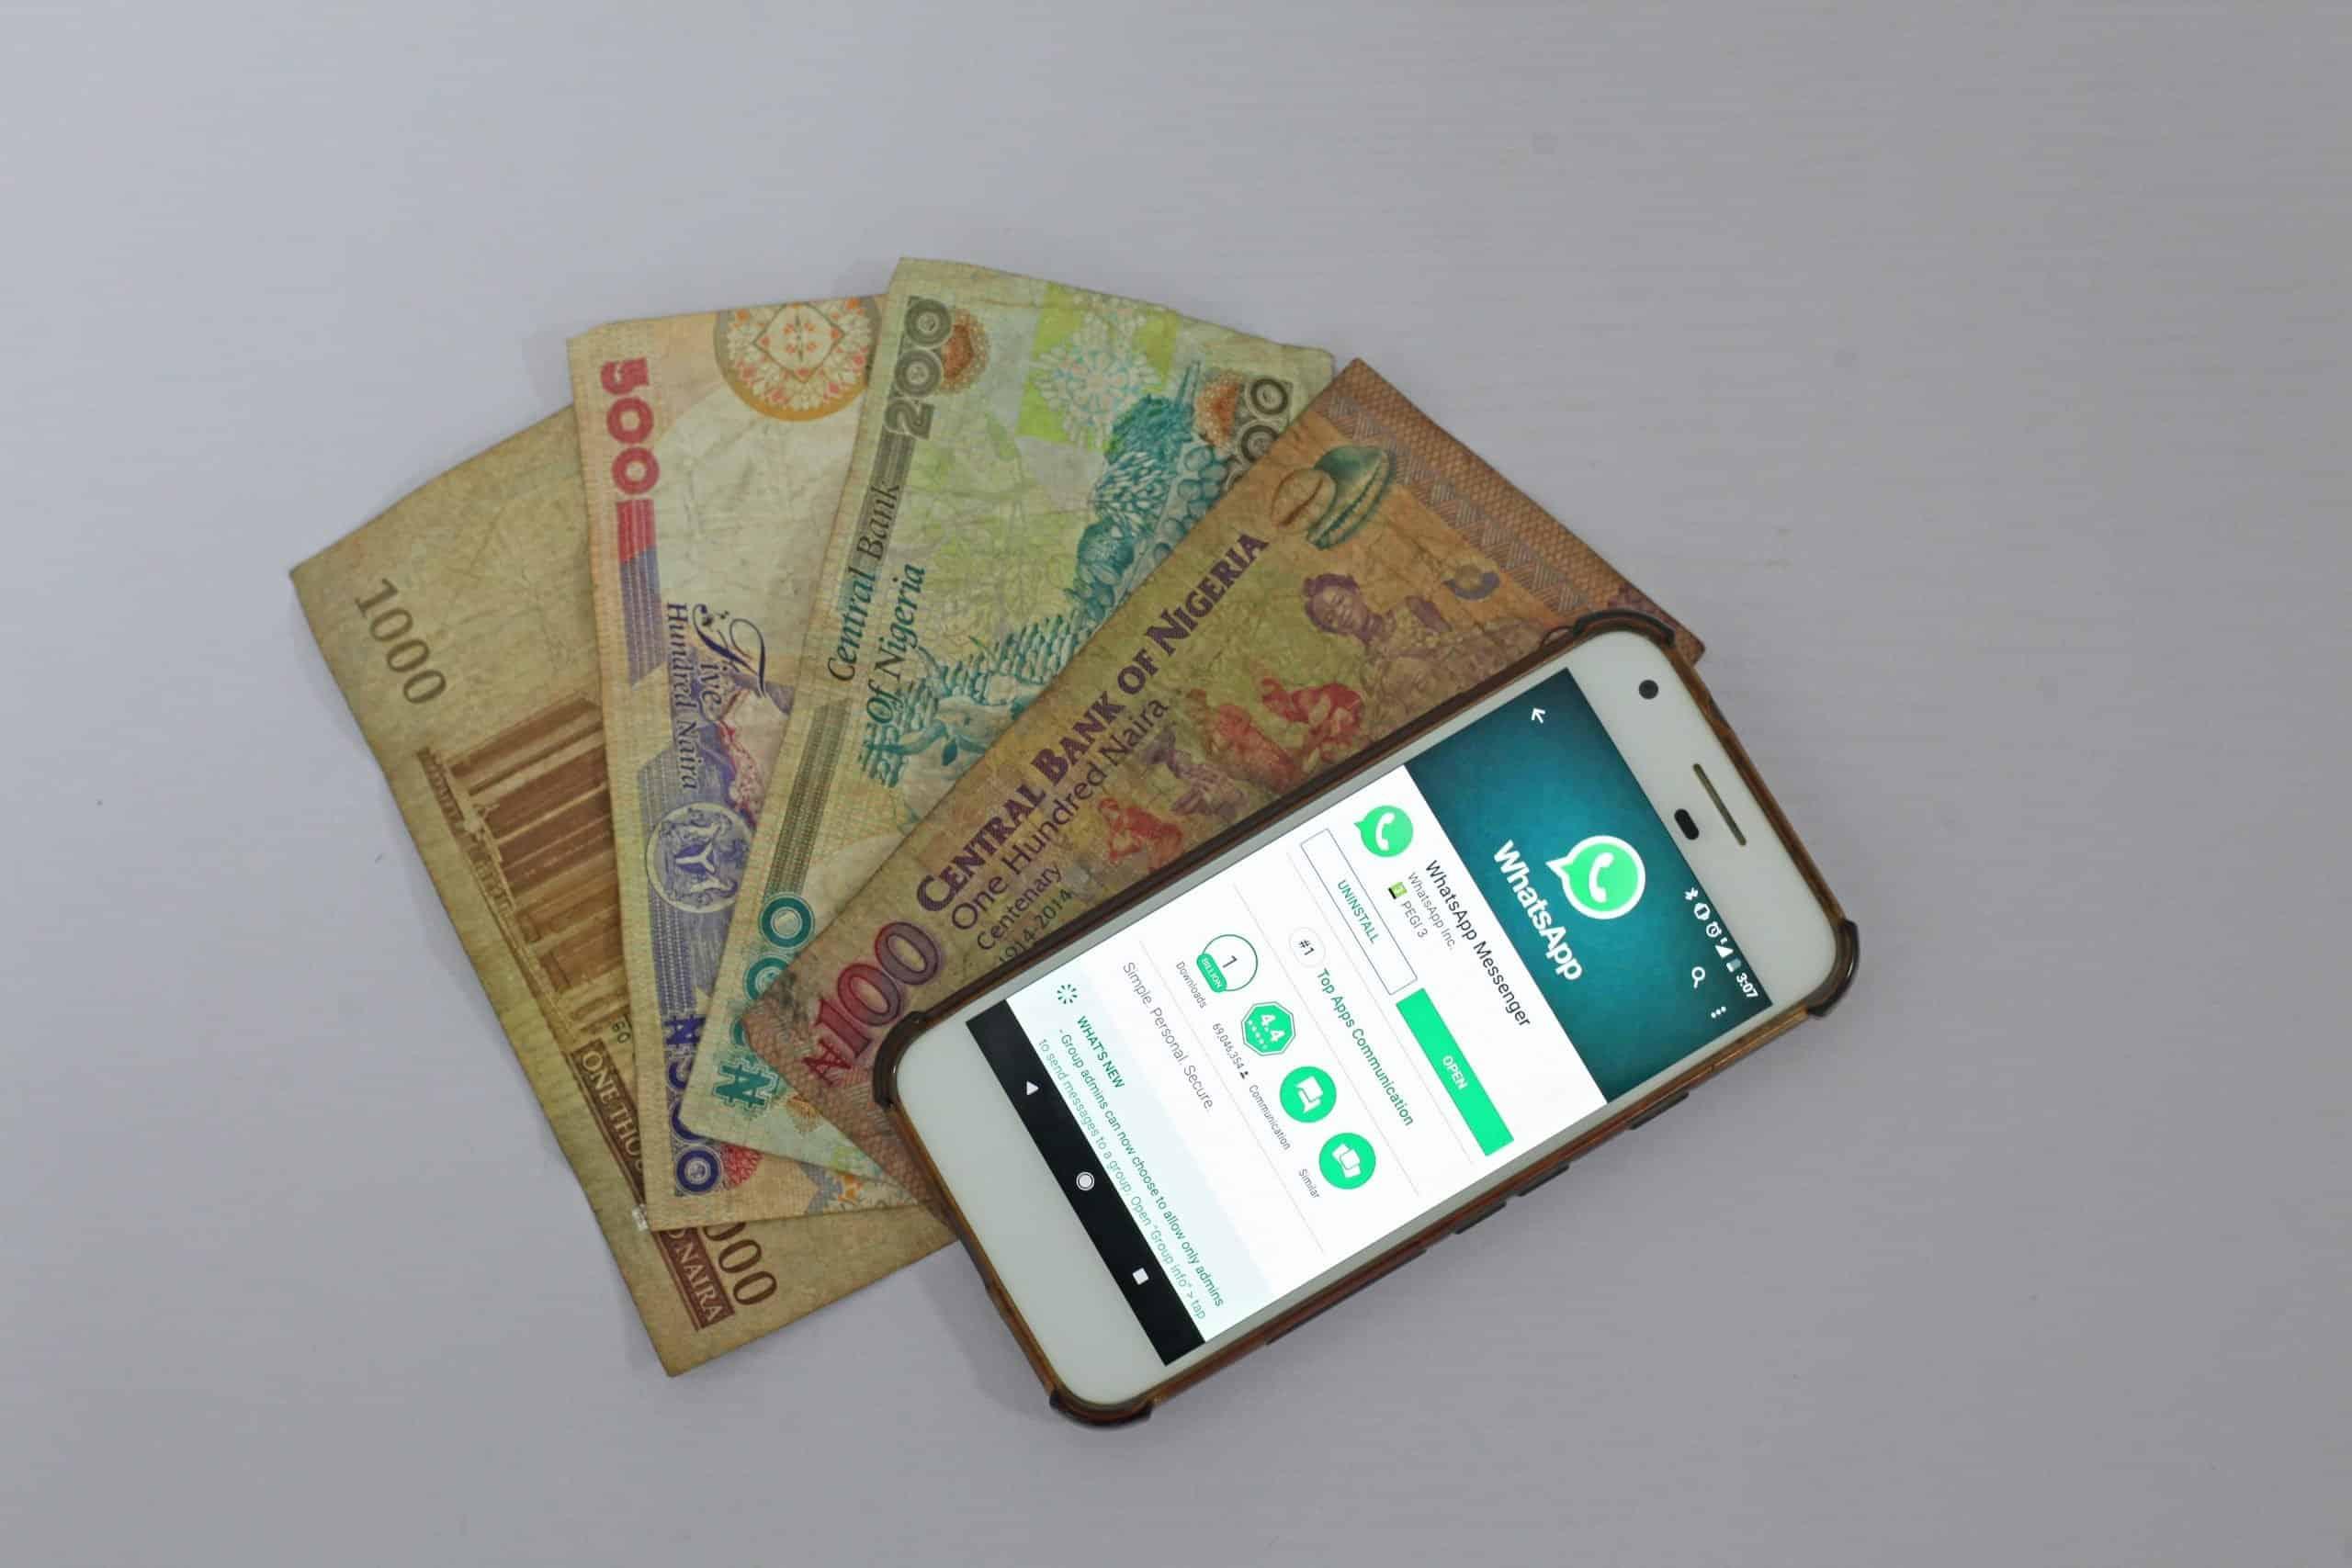 Mit tegyen, ha pénzt keresett Kapcsolódó bejegyzés